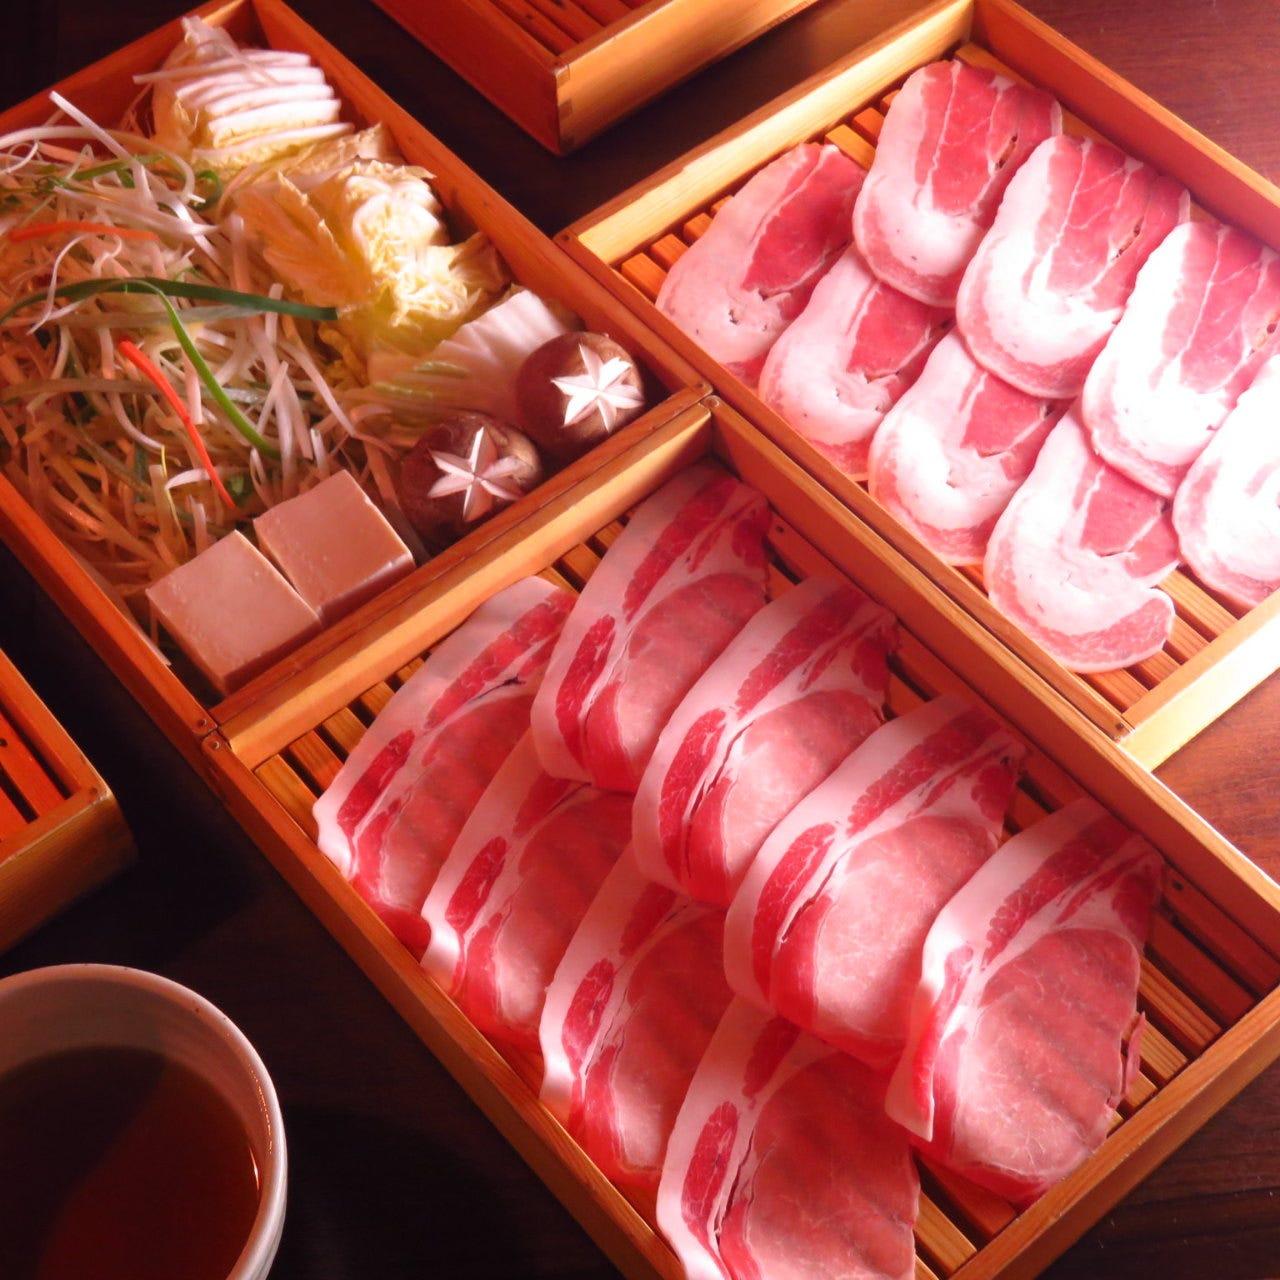 【Aプラン飲み放題150分】岩清水豚しゃぶと紀州みかん鶏唐揚げコース